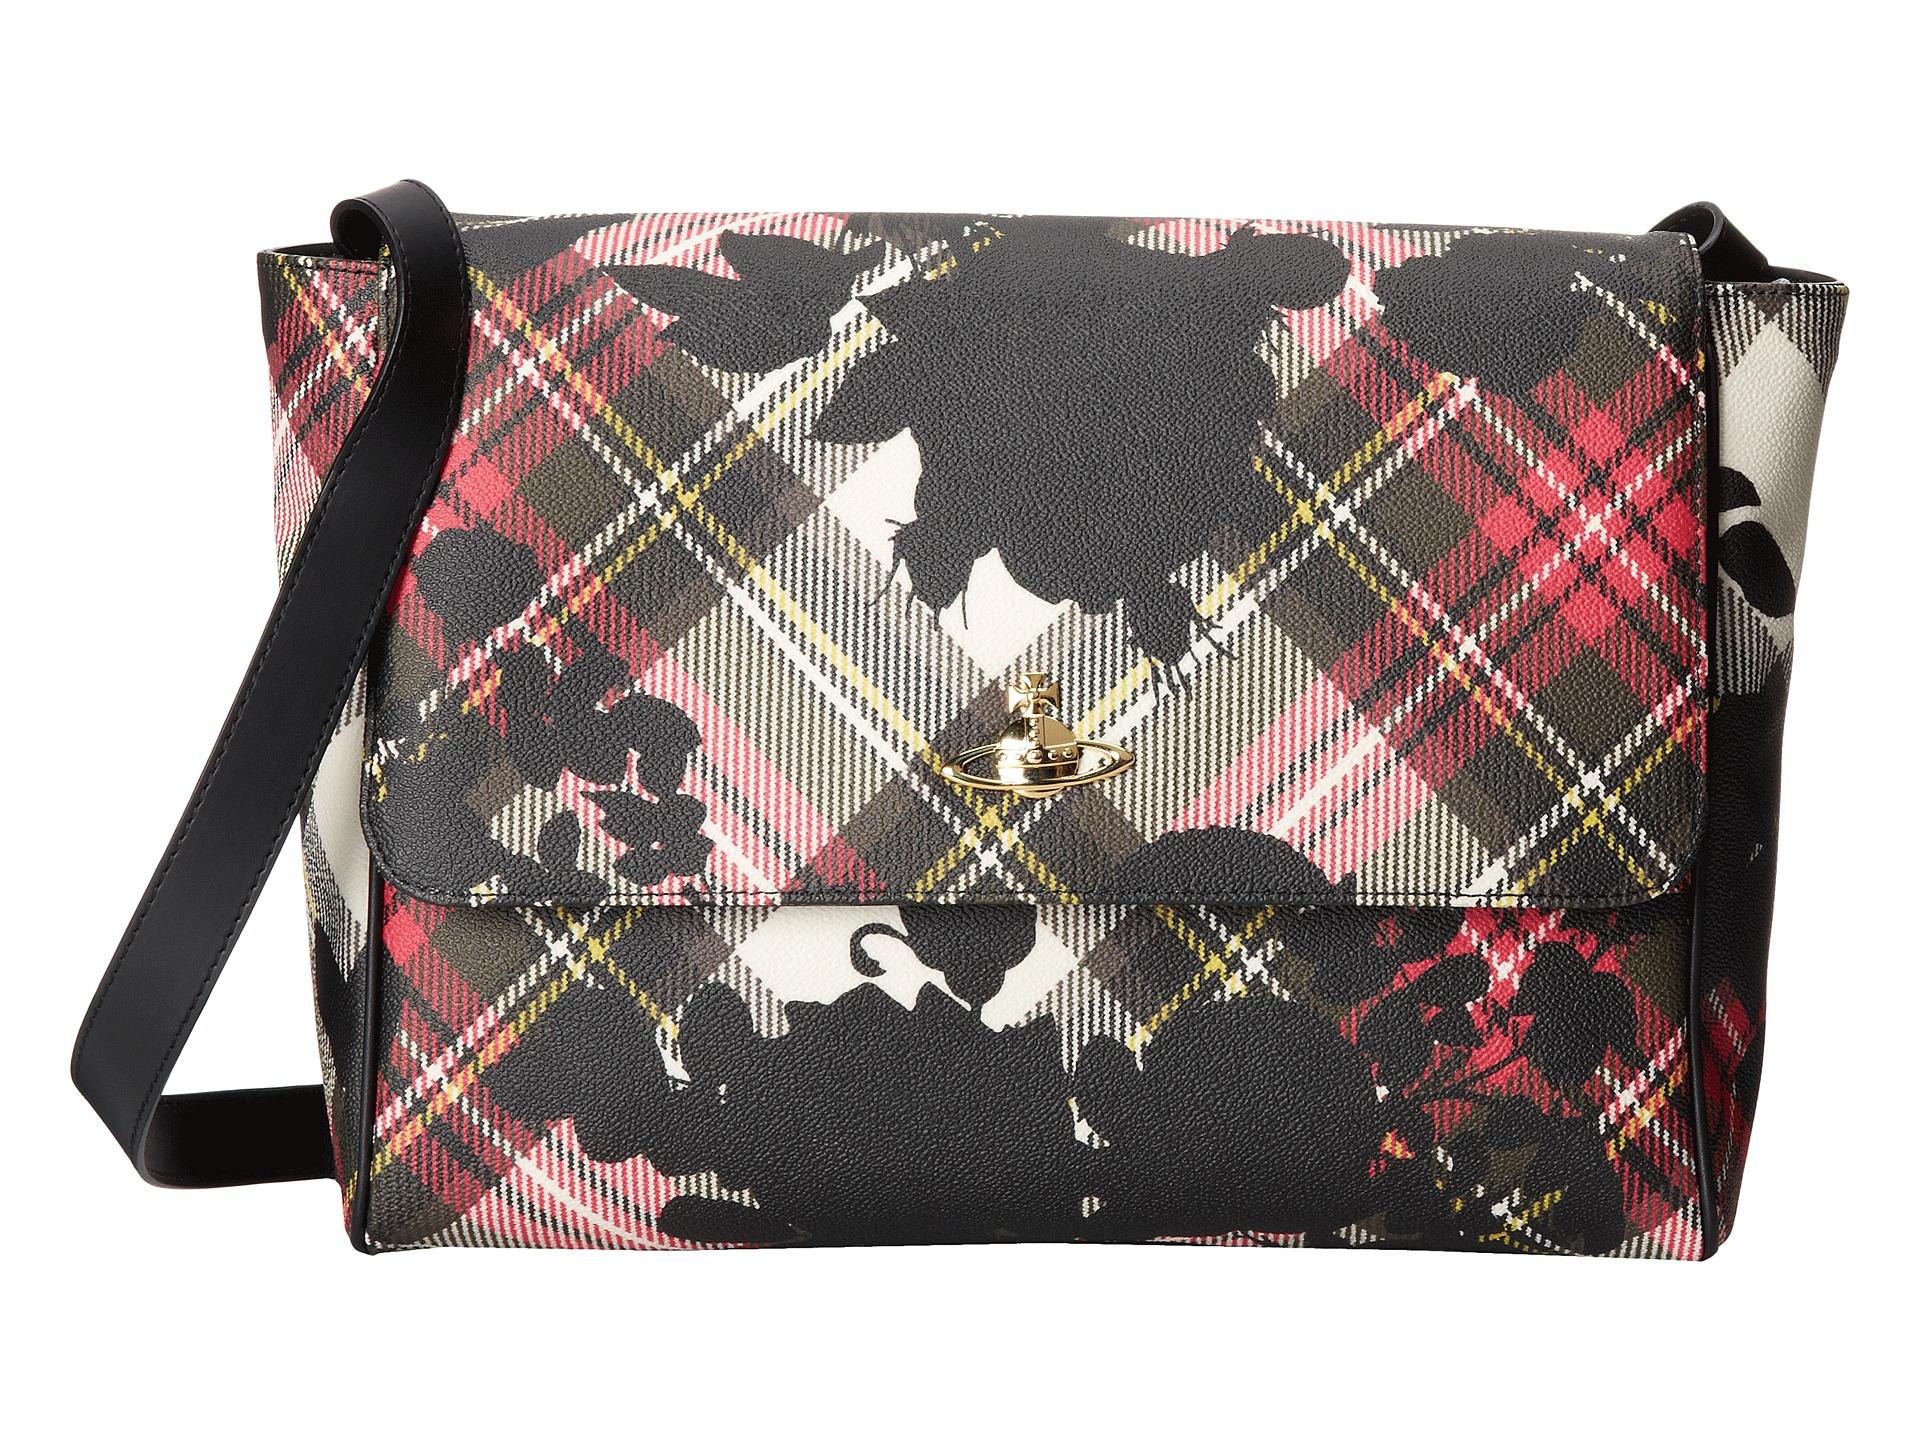 3ca0f64271 Lyst - Vivienne Westwood Derby Roses Large Shoulder Bag in Black